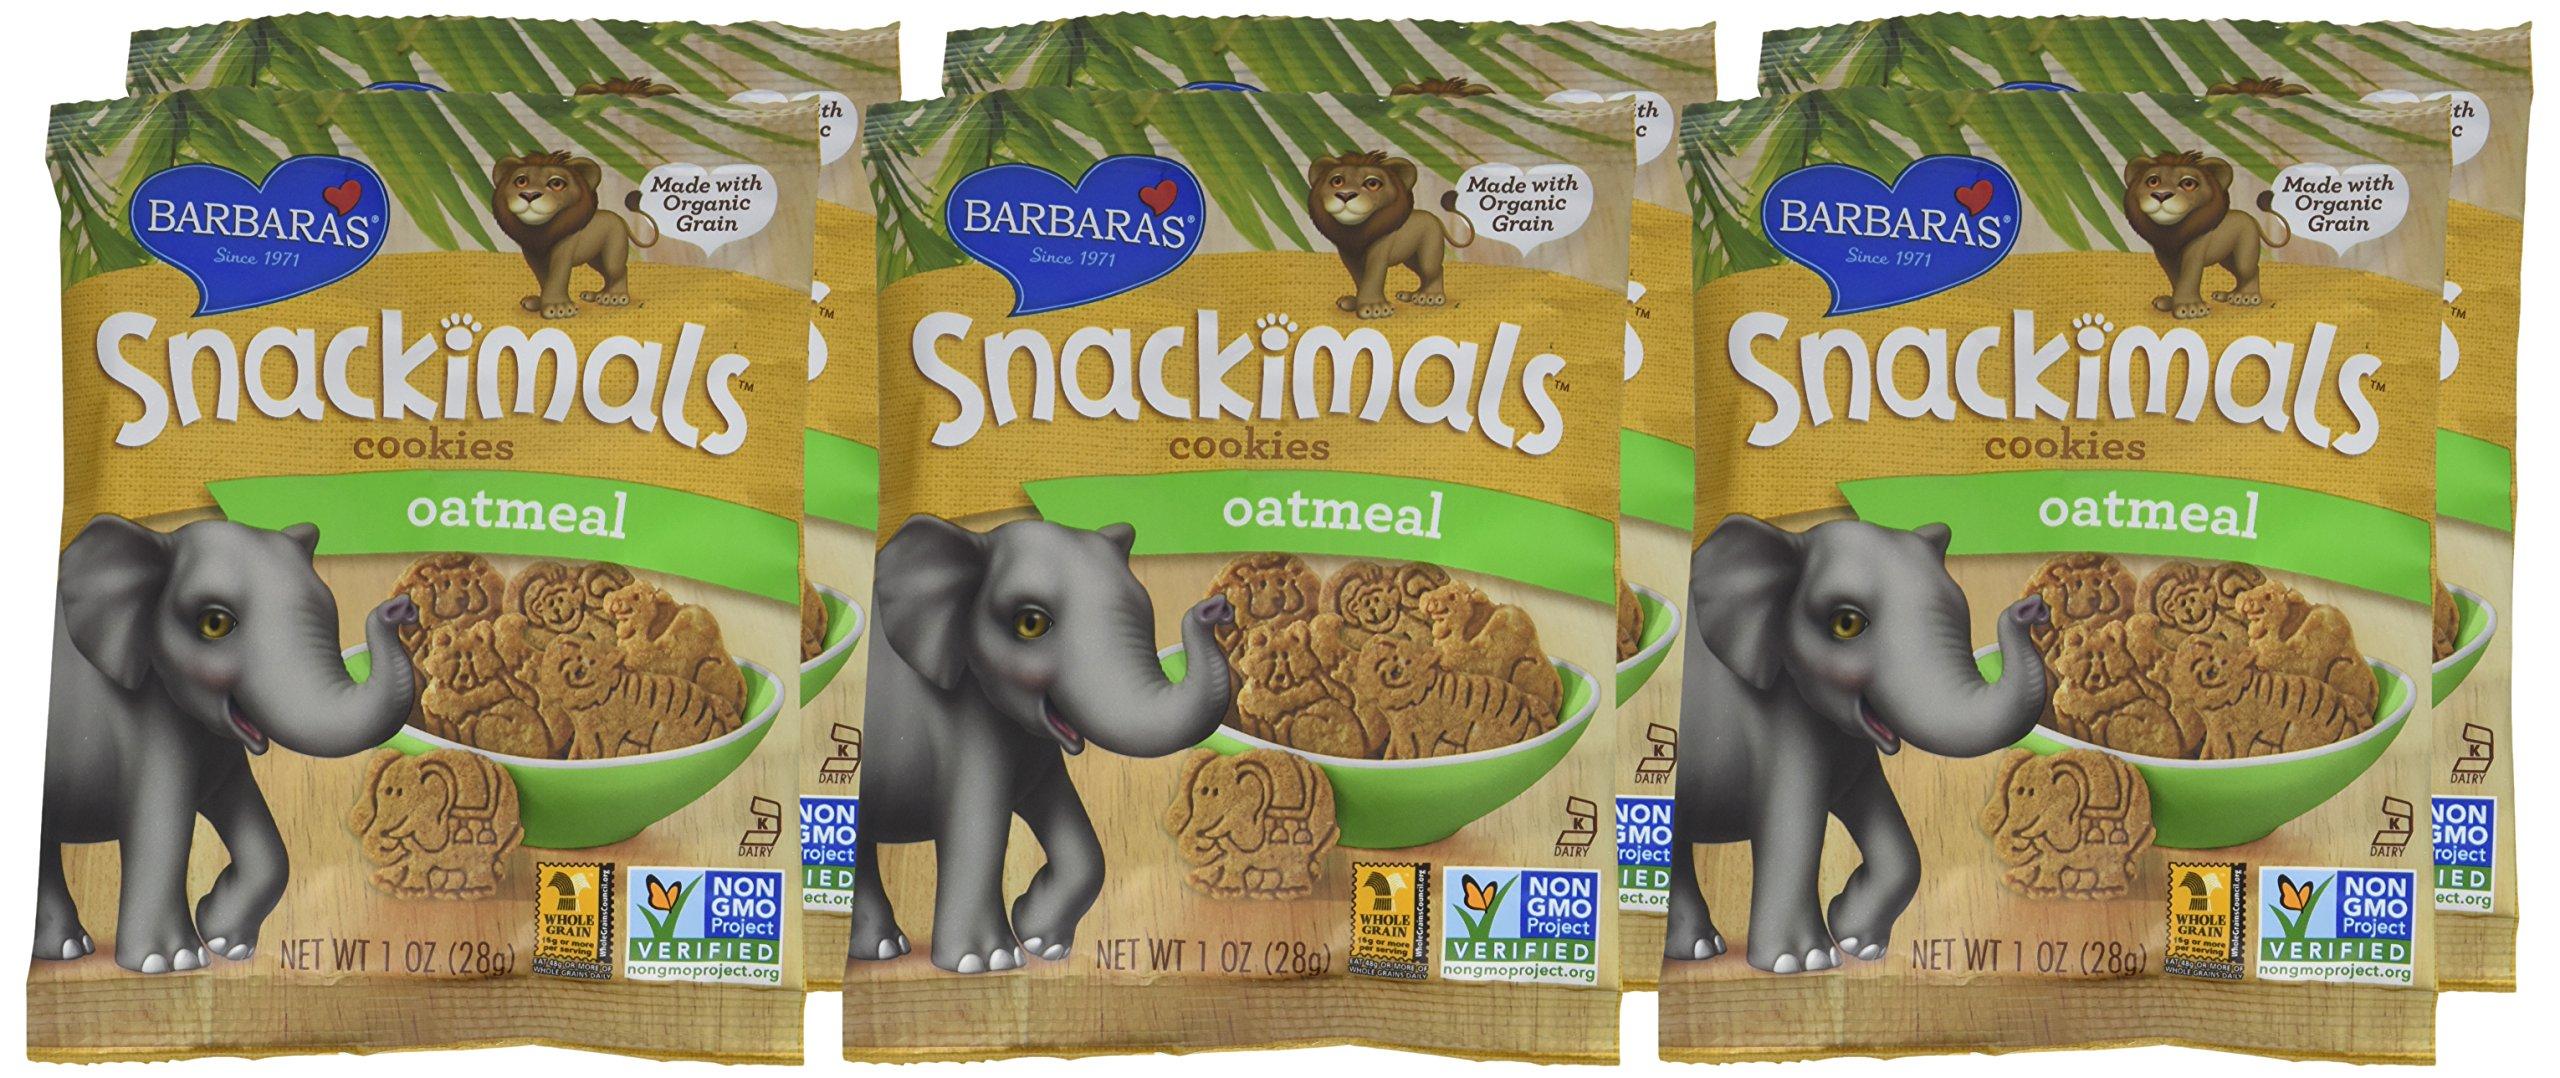 Barbara's Bakery Organic Oatmeal Snackimals - 1 oz - 6 pk by Barbara's Bakery (Image #2)